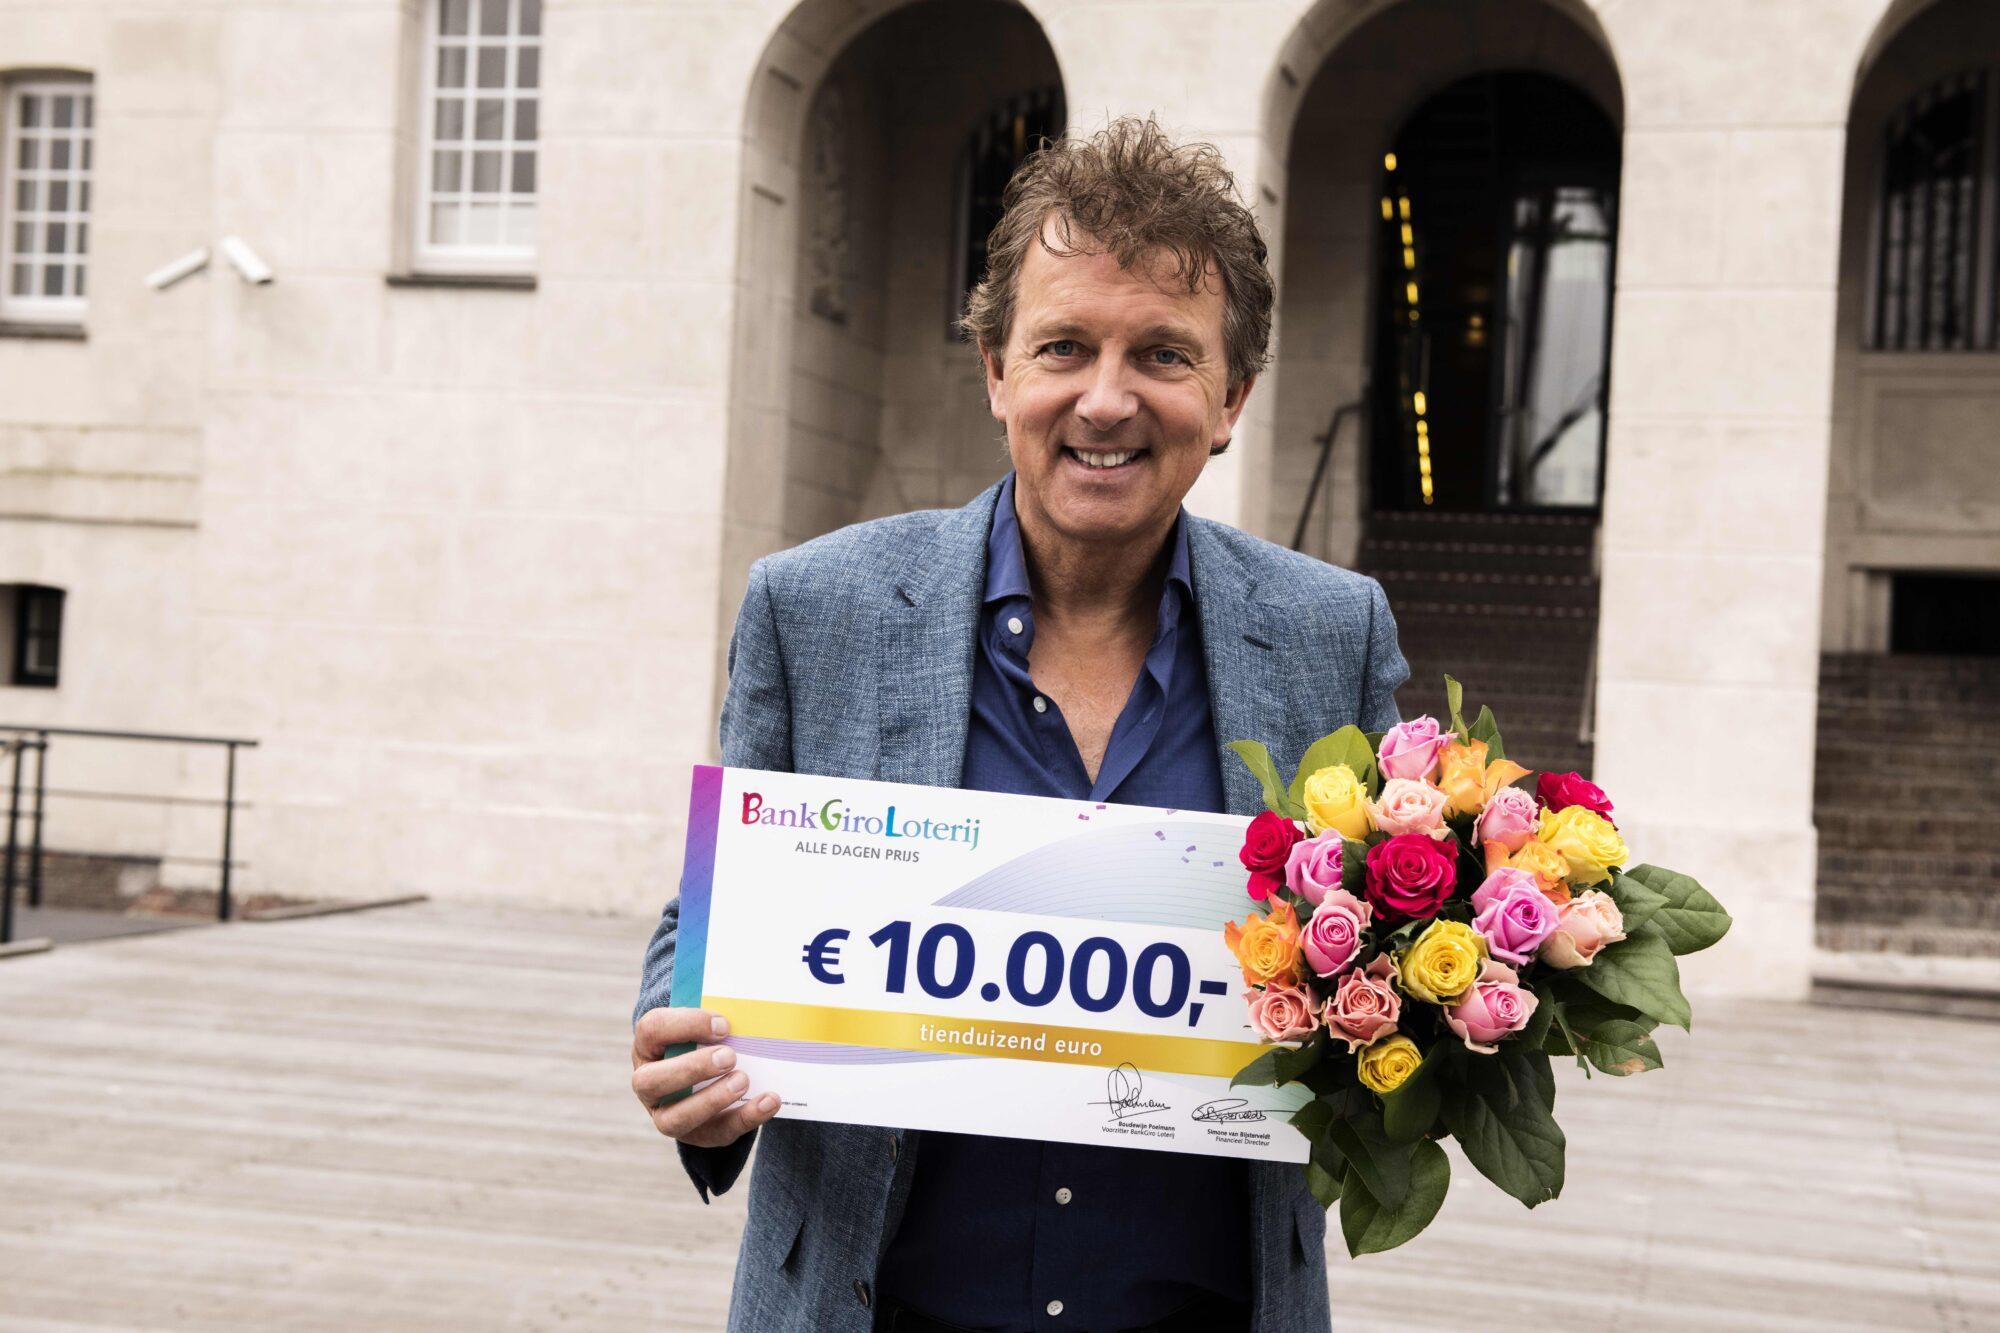 Natasja uit Deventer gaat op vakantie dankzij 10.000 euro van BankGiro Loterij